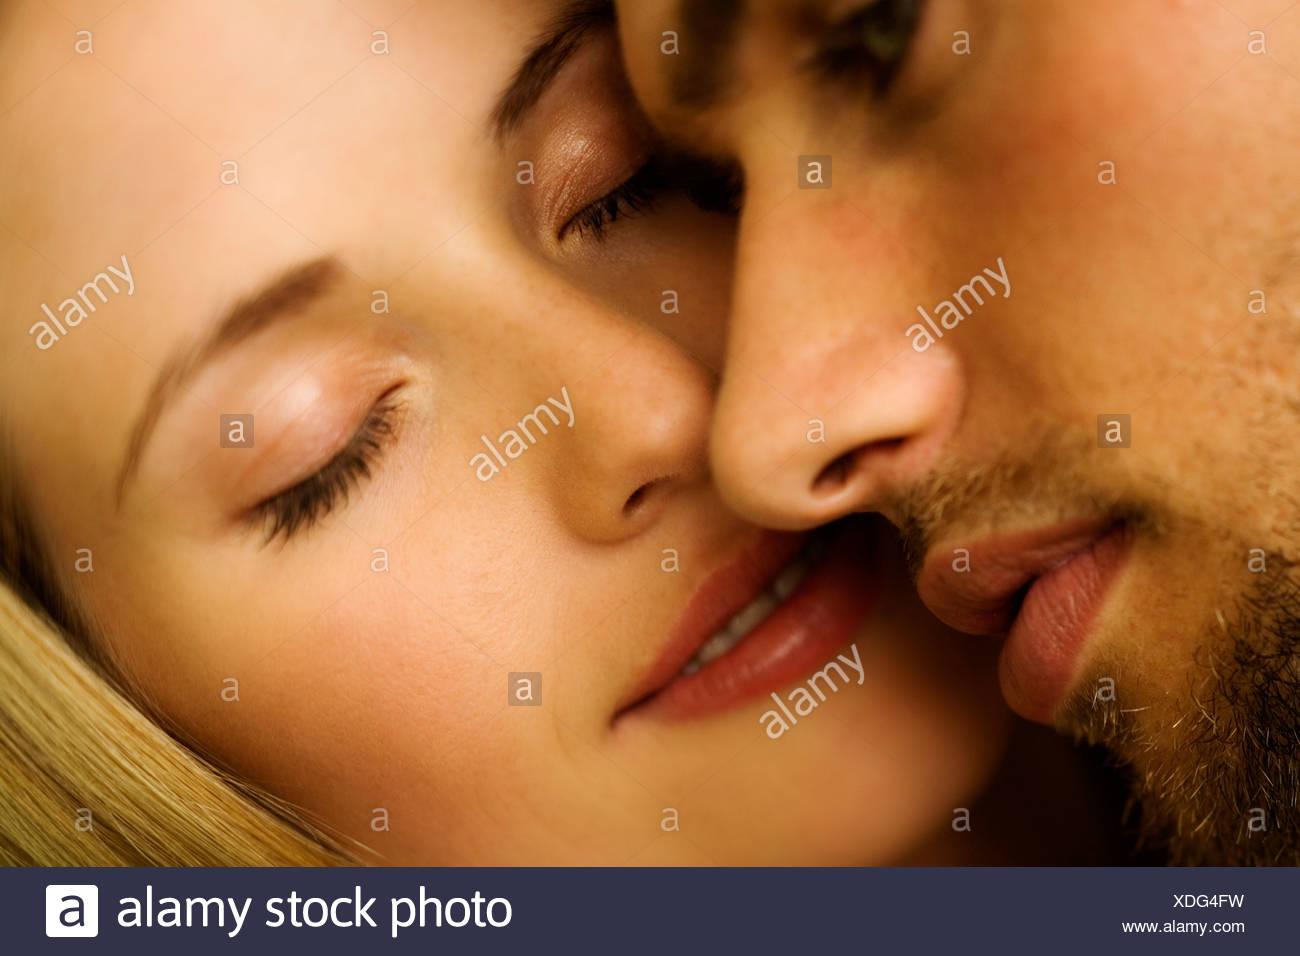 Porträt eines jungen Paares in der Liebe, Augen geschlossen Stockbild